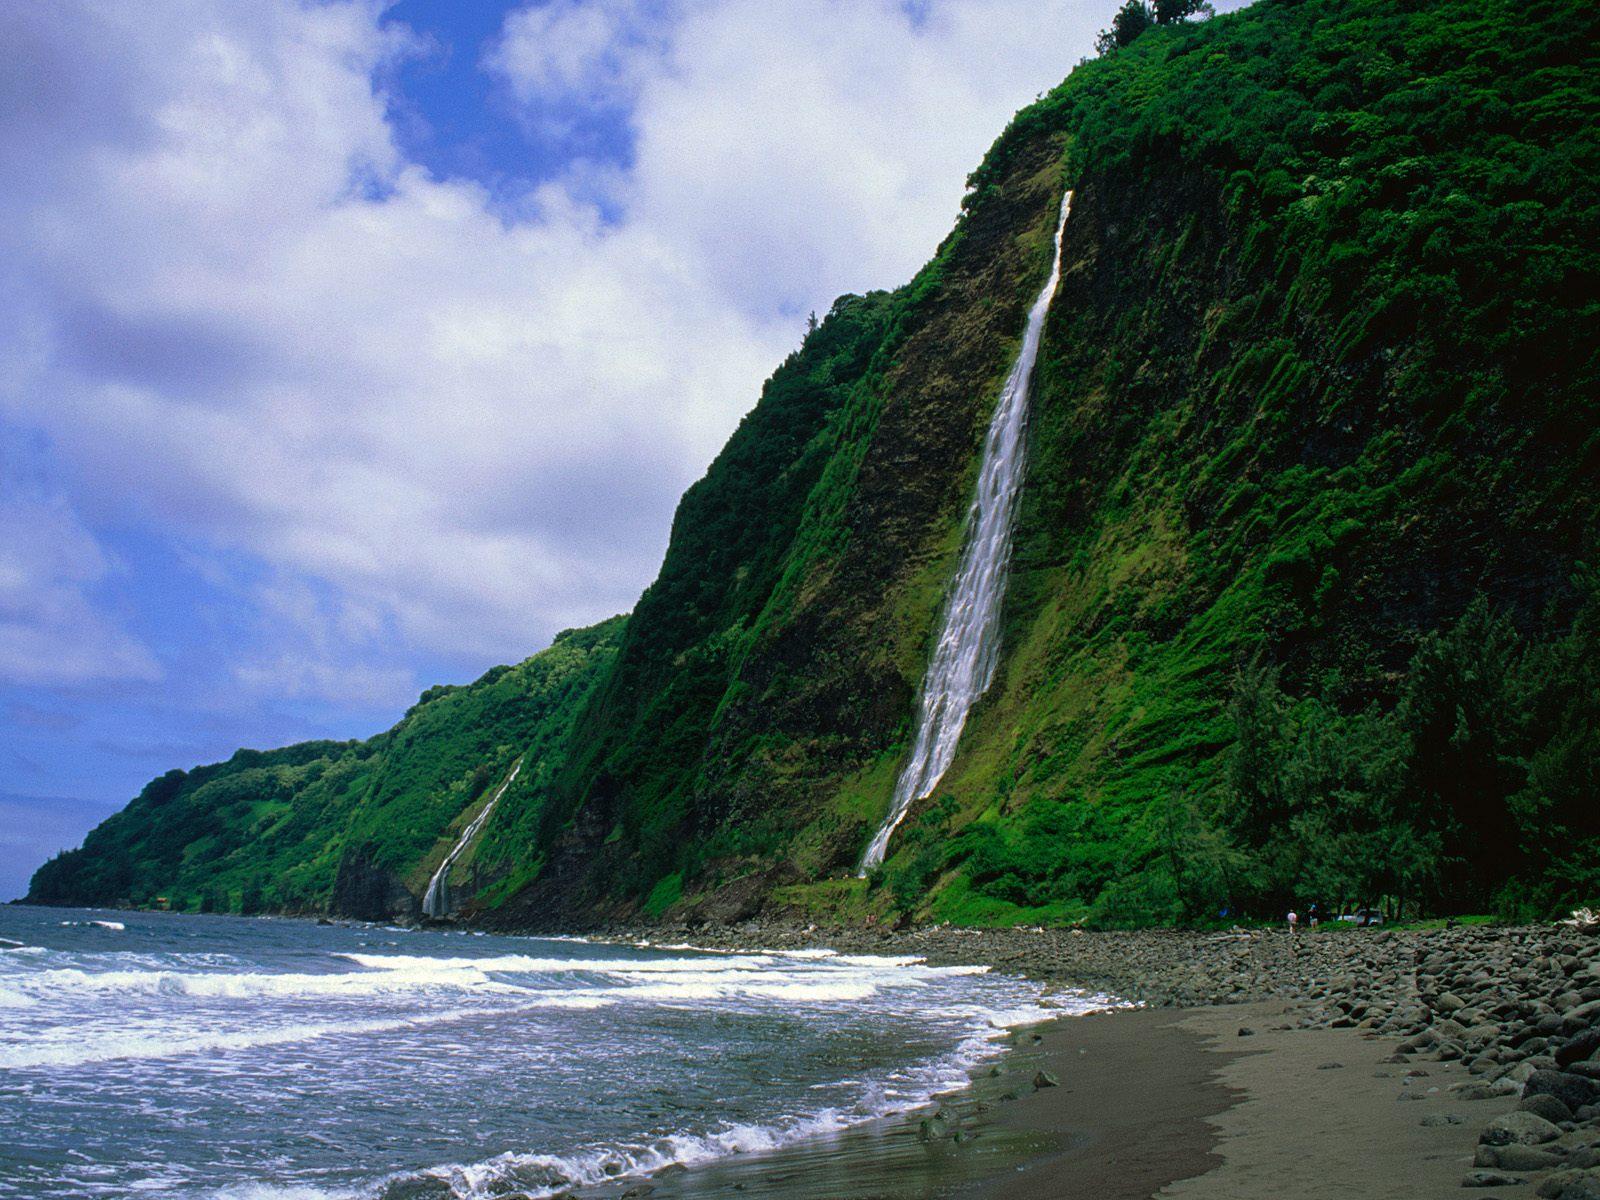 Big Island Hawaii HD Wallpaper   PhotosJunction 1600x1200